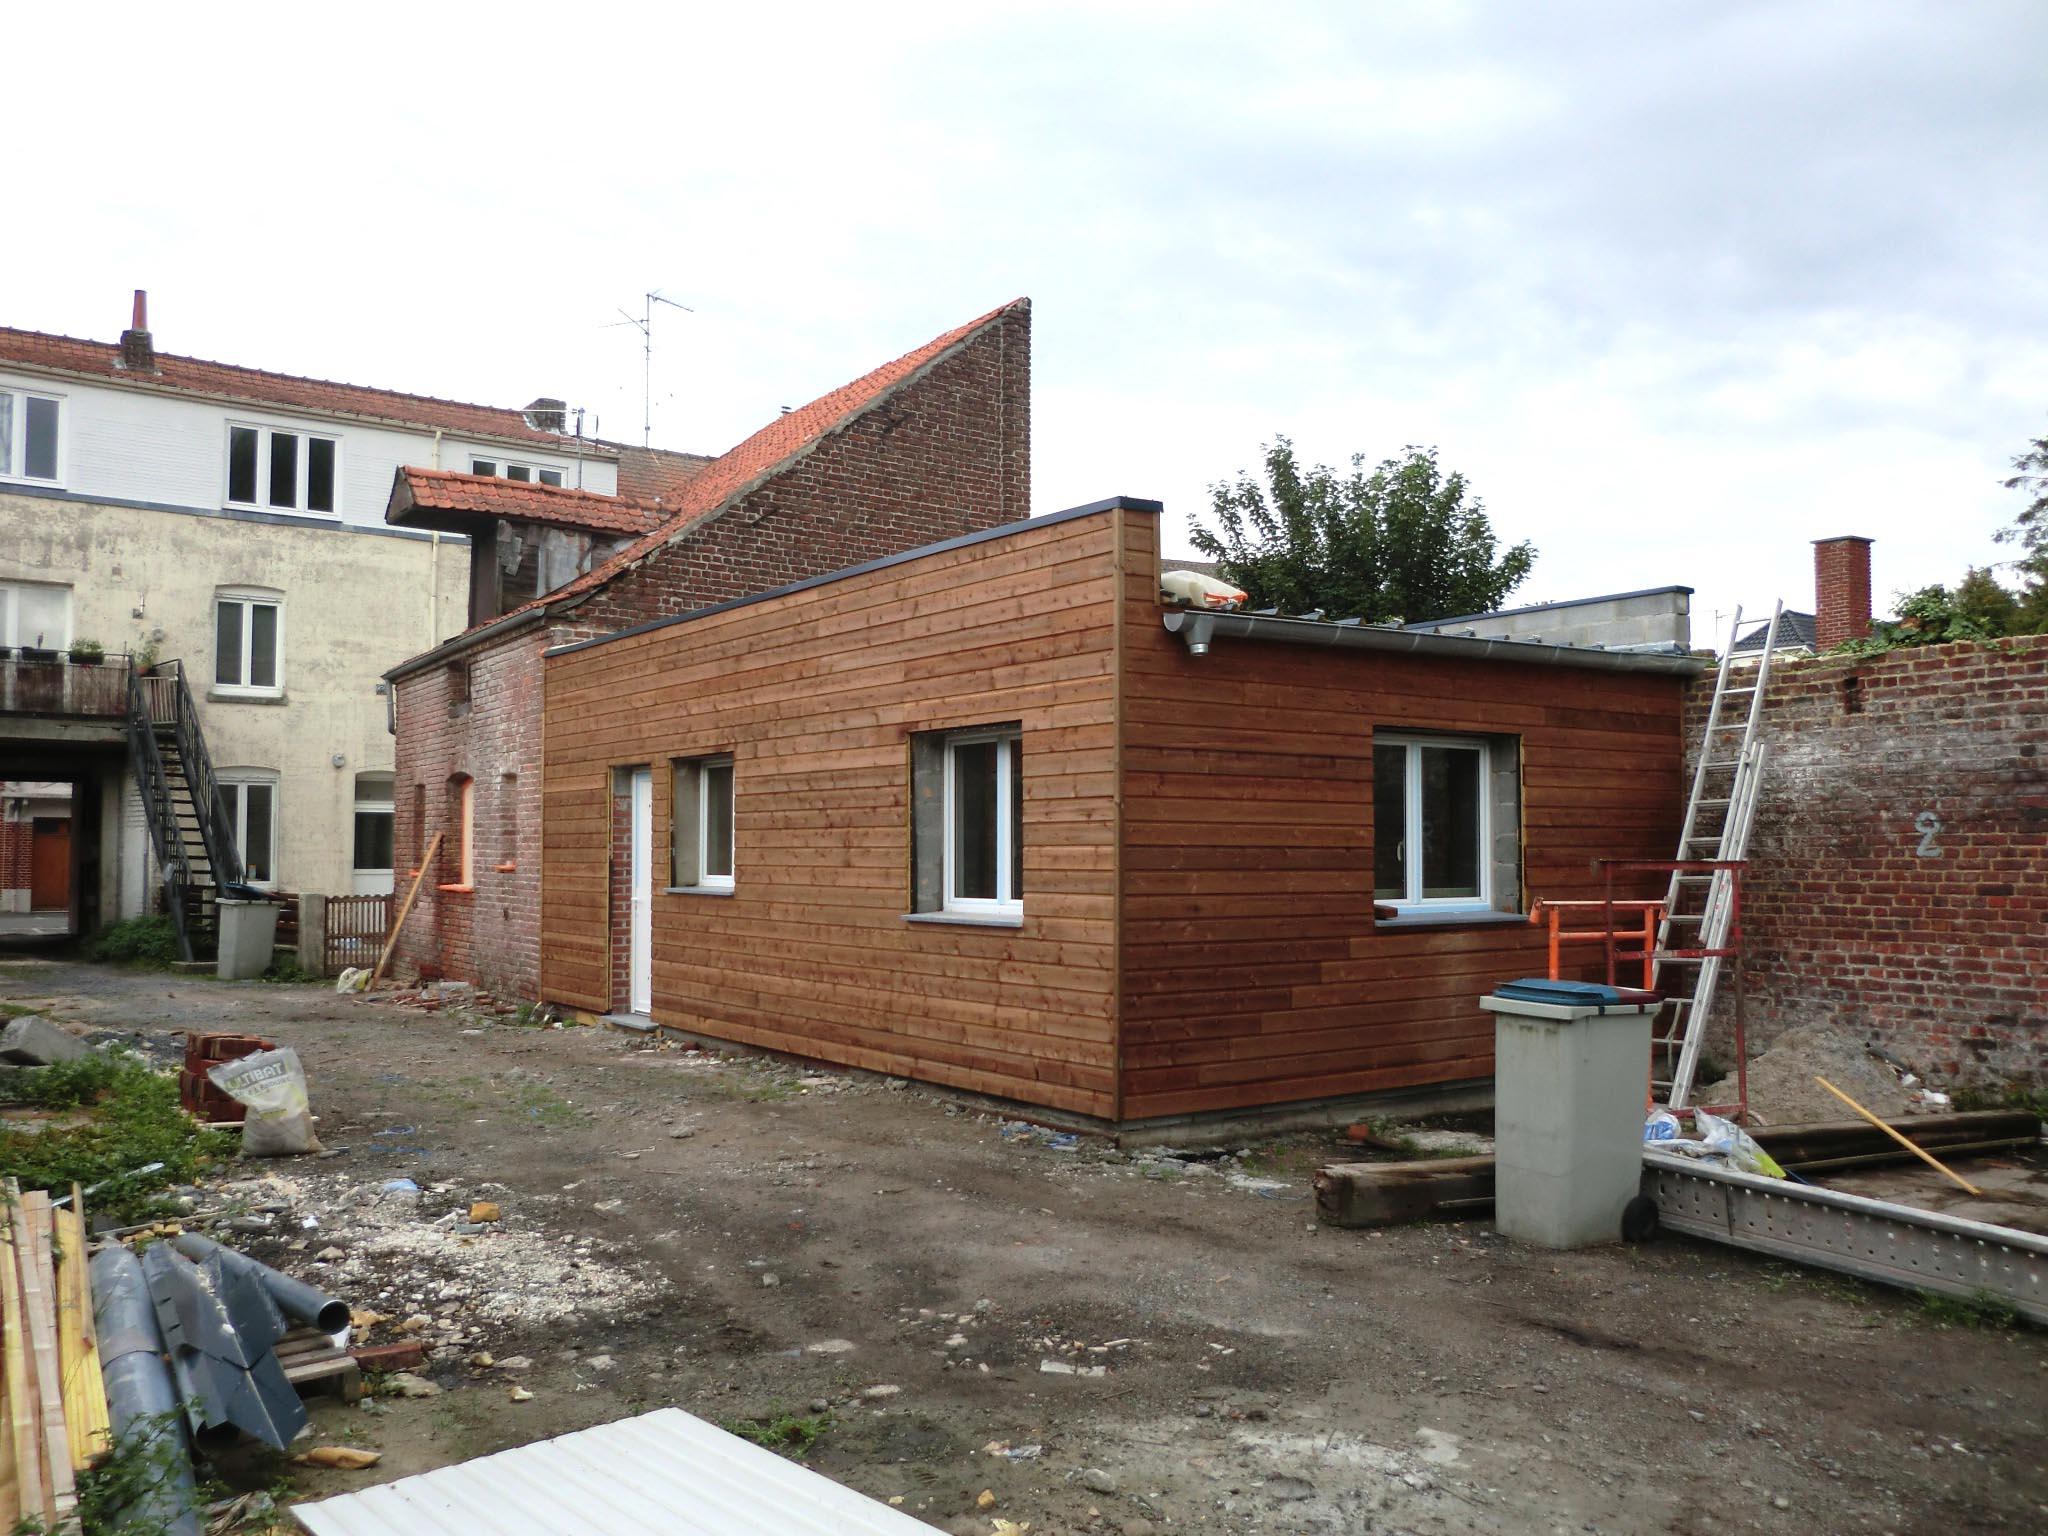 Transformation d 39 une curie en habitation orchies - Transformation grange en habitation permis de construire ...